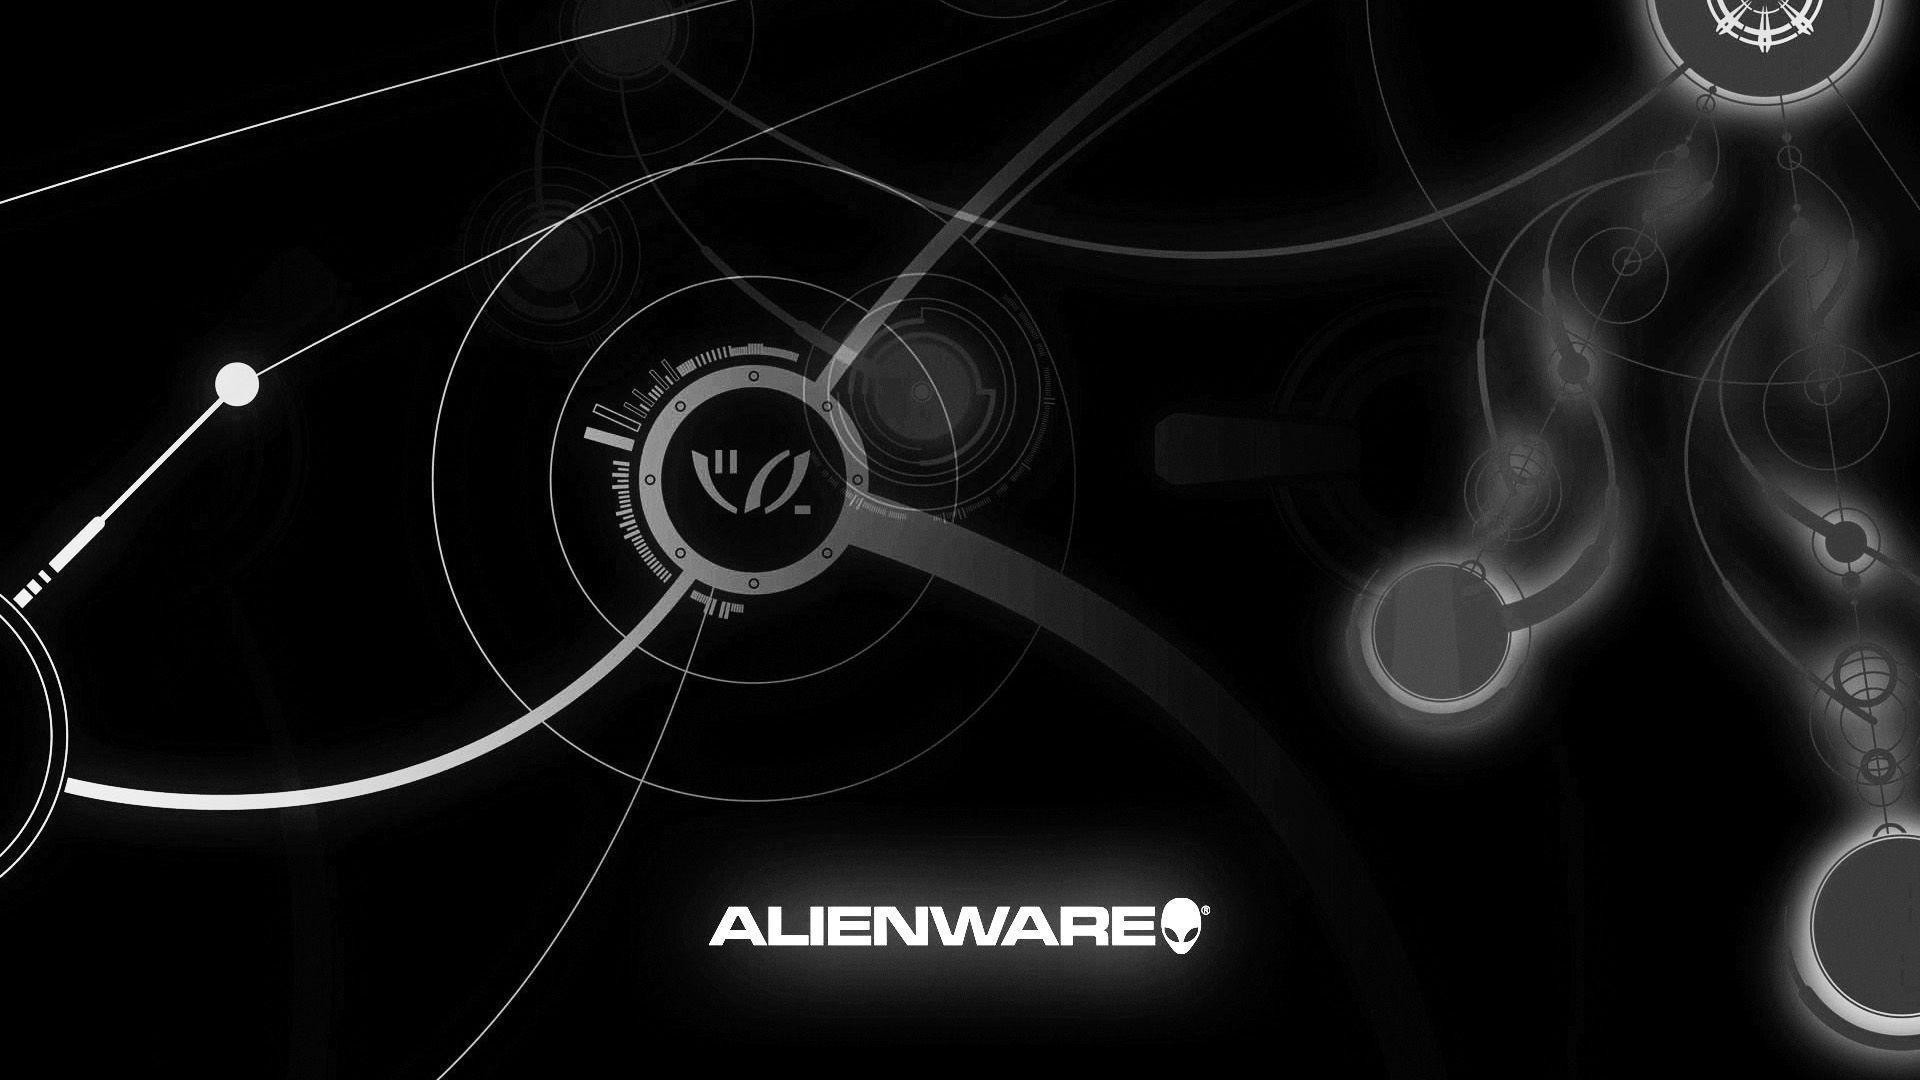 Alienware Wallpaper Blue HD – https://www.0wallpapers.com/1346